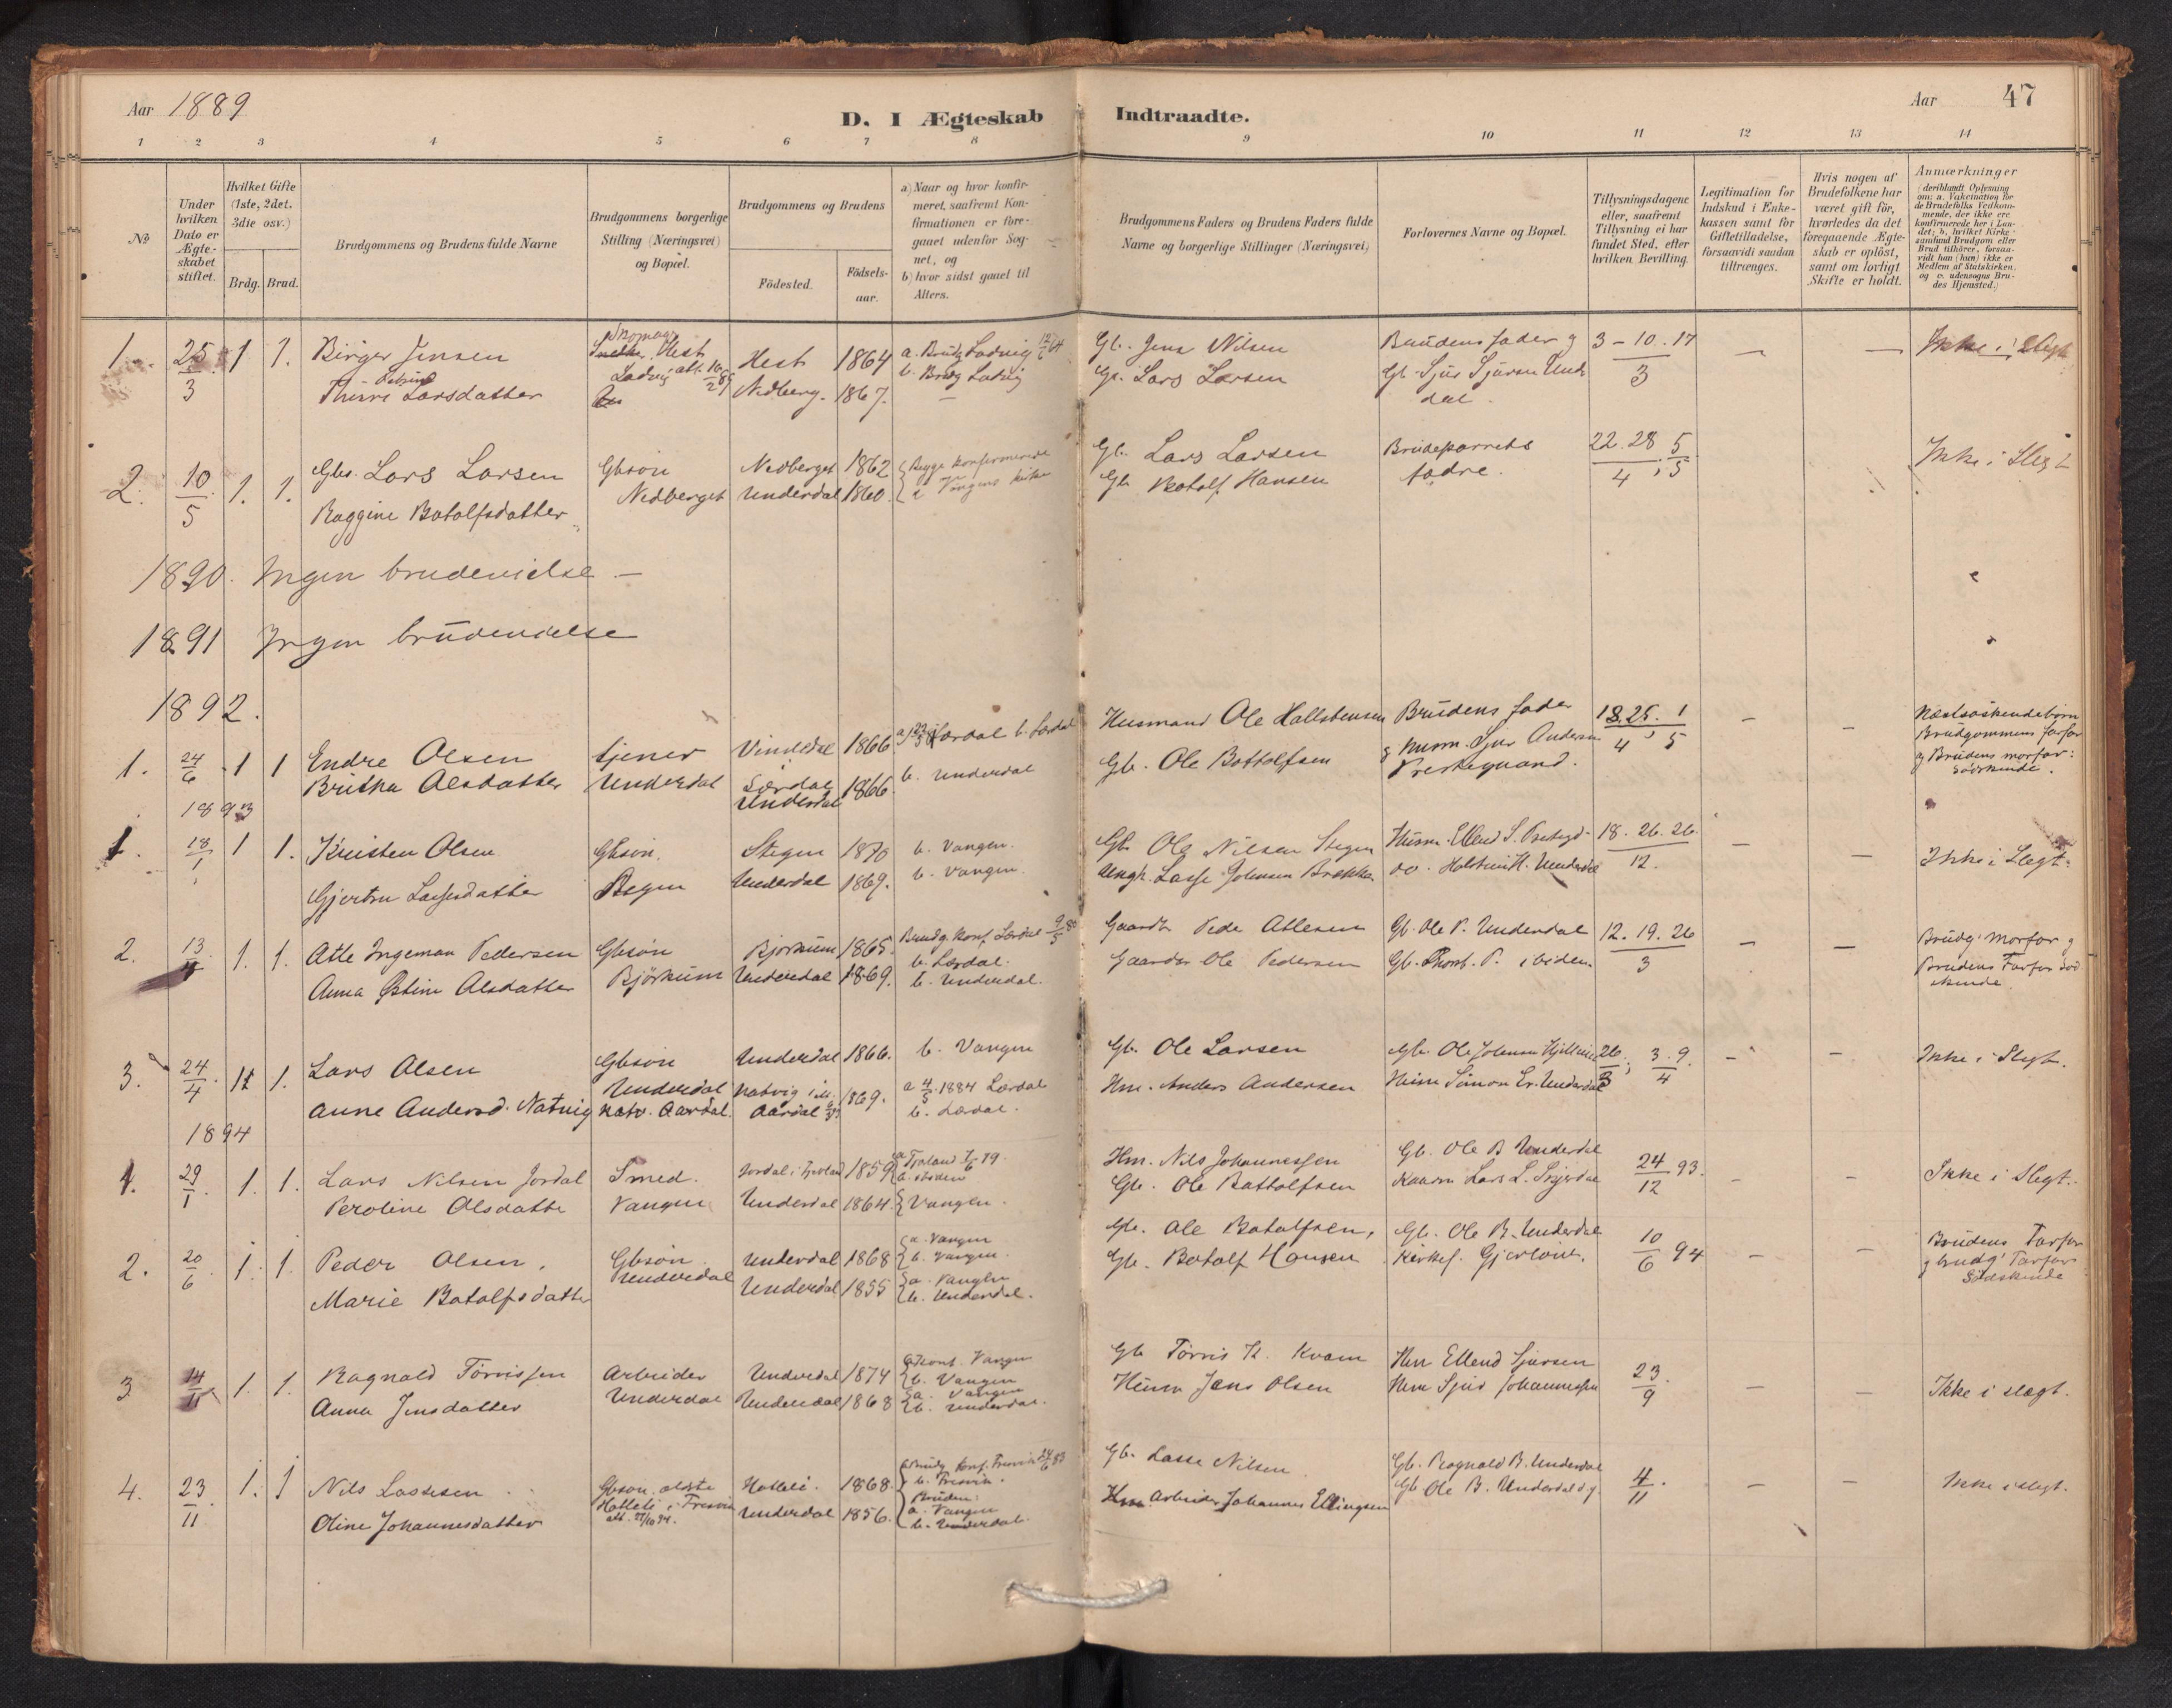 SAB, Aurland Sokneprestembete*, Ministerialbok nr. E 1, 1880-1907, s. 46b-47a